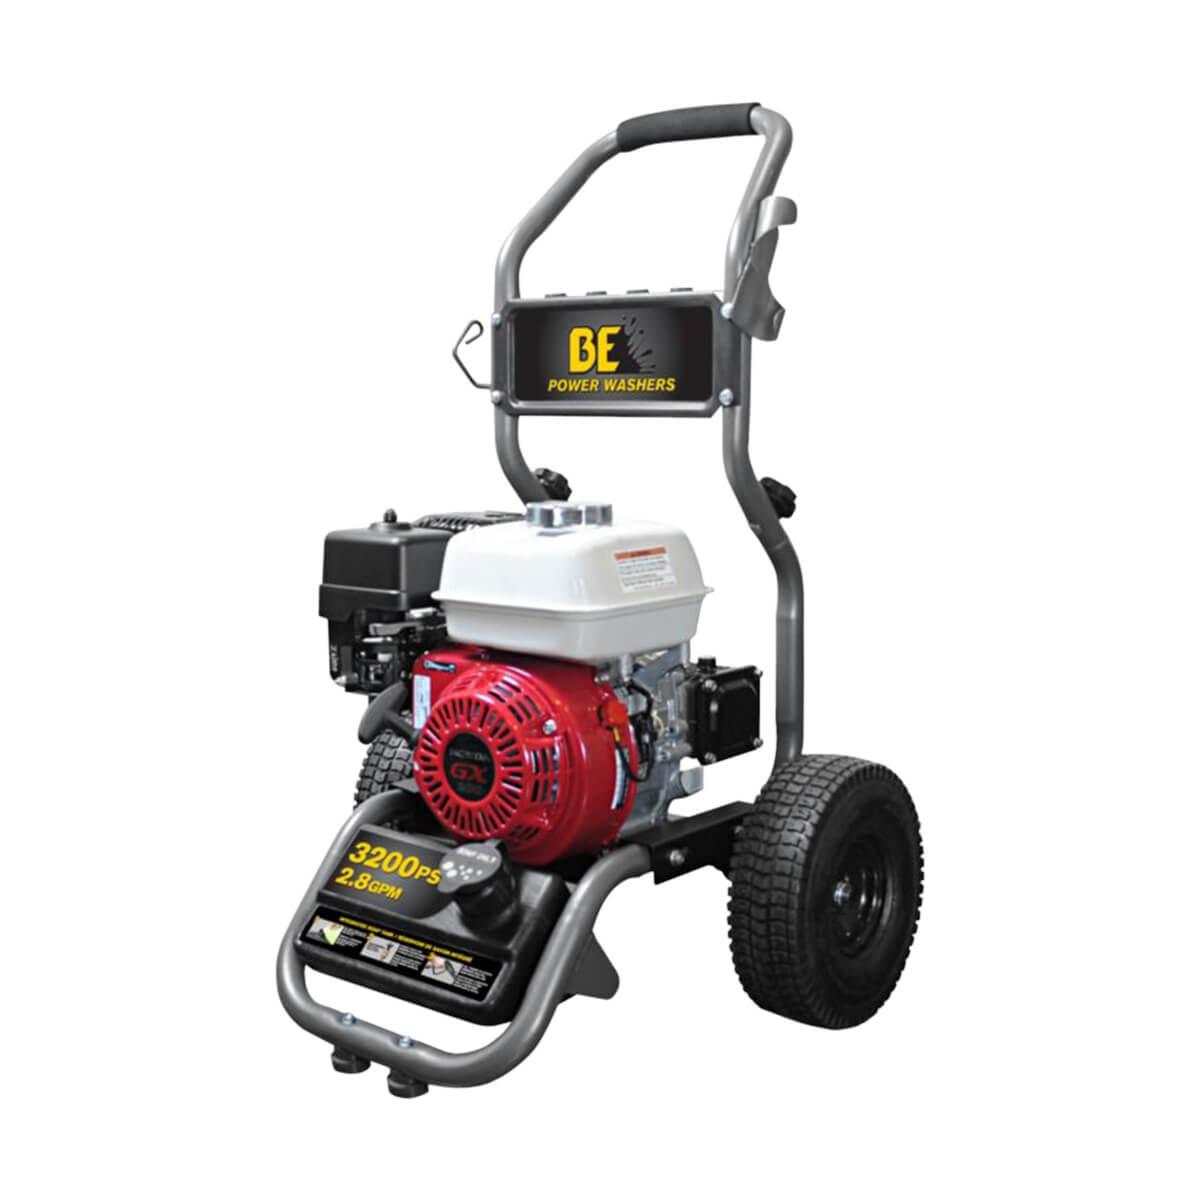 Honda Pressure Washer - 3200 psi